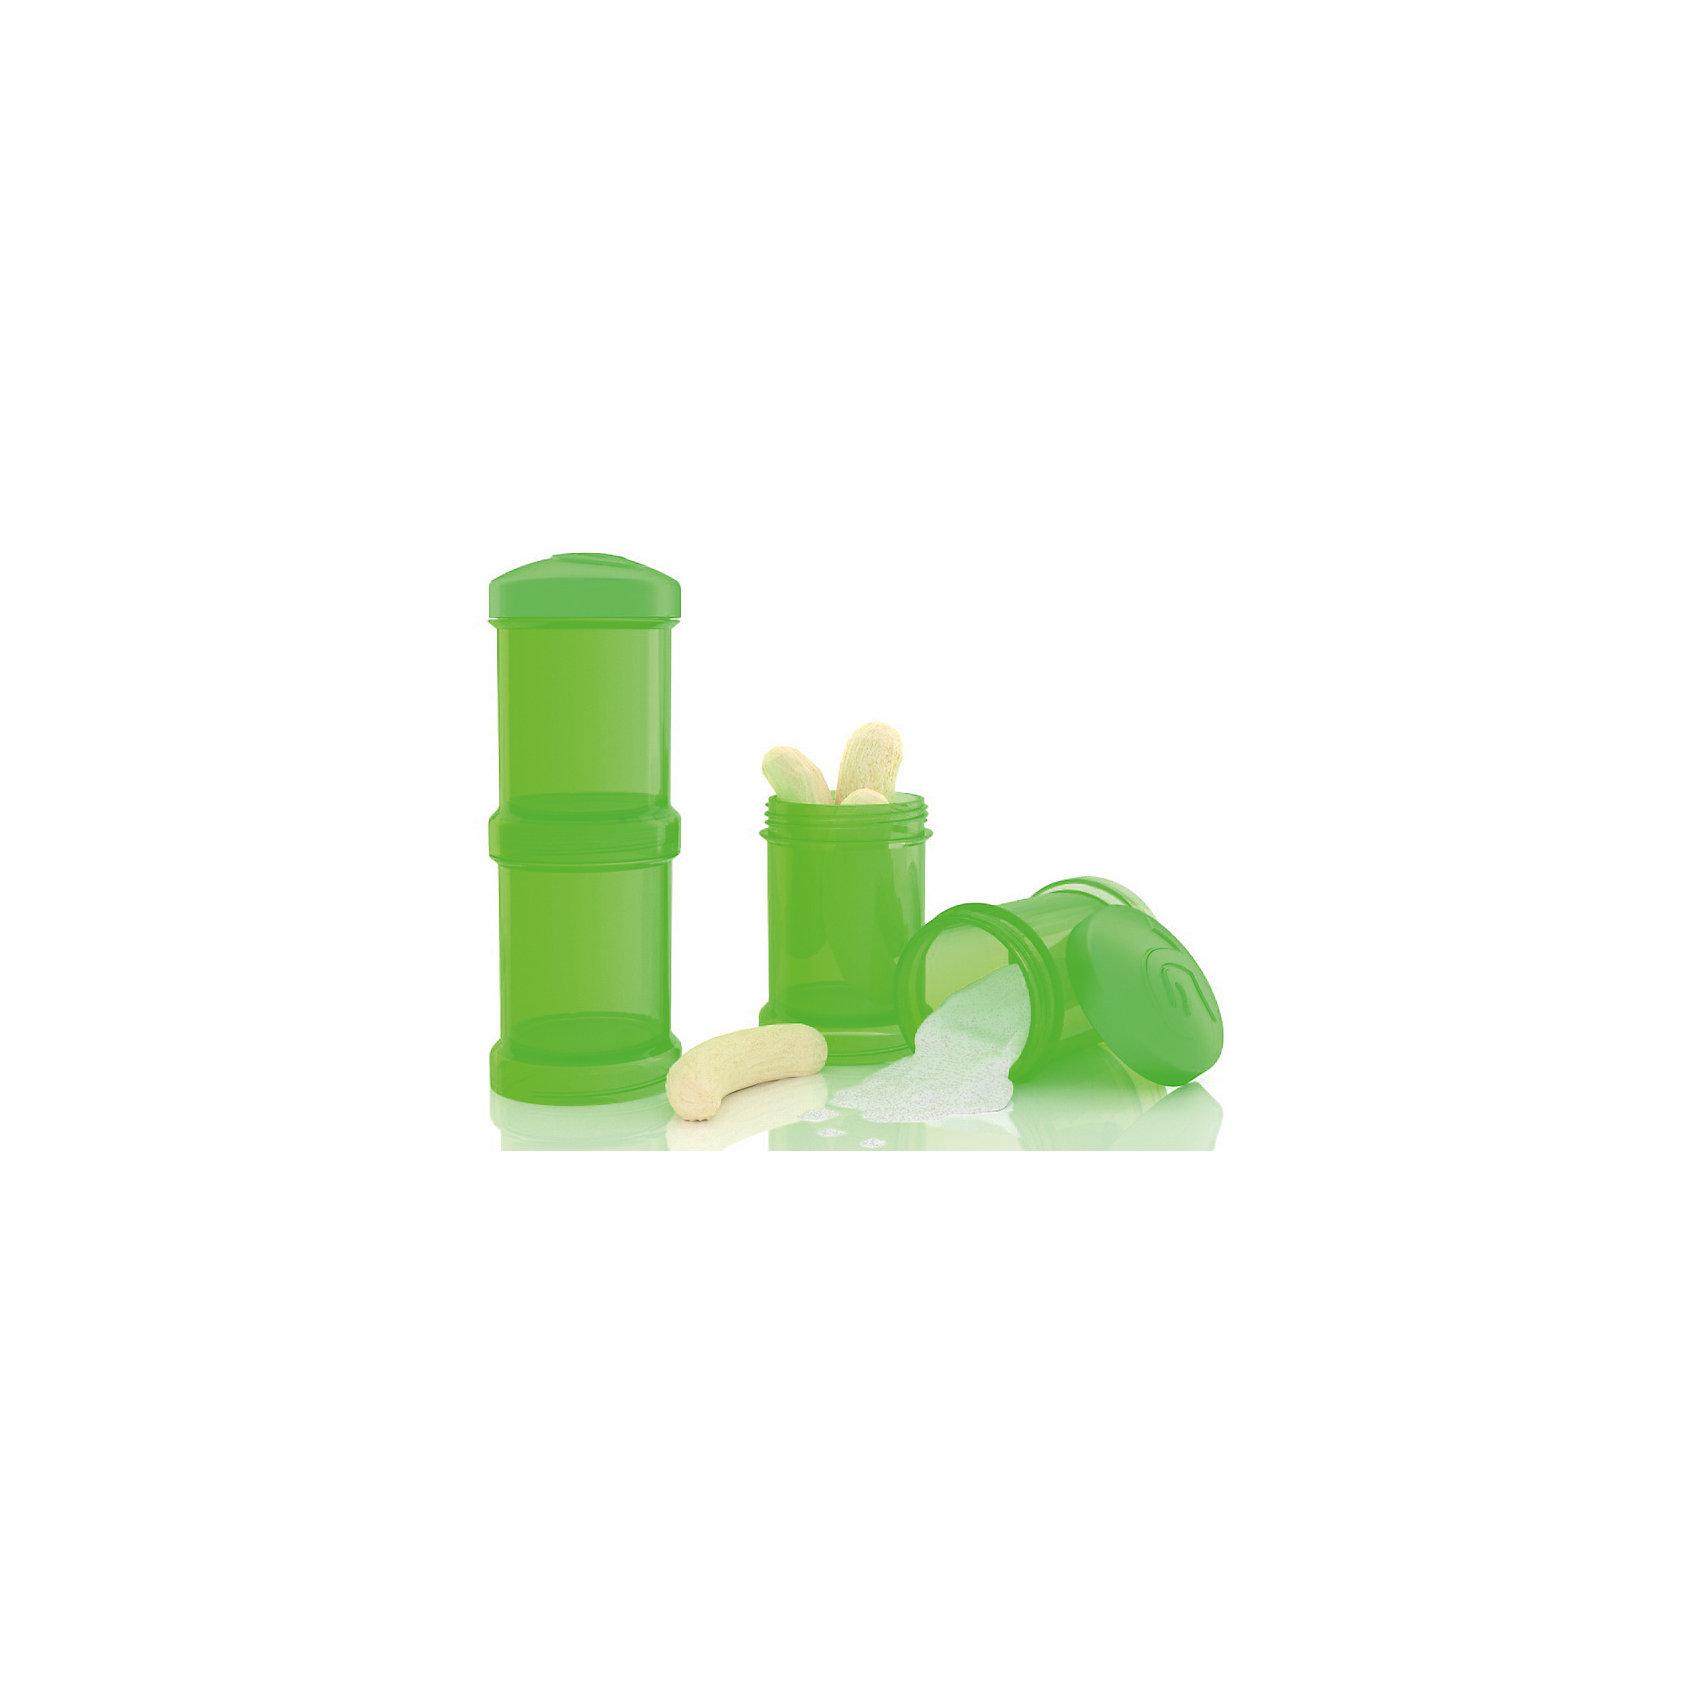 Контейнер для сухой смеси 100 мл. 2 шт., TwistShake, зелёныйПосуда для малышей<br>Контейнер для сухой смеси 100 мл. 2 шт., зелёный от шведского бренда Twistshake (Твистшейк), придет по вкусу малышам и современным родителям. Эти контейнеры прекрасно подходят для хранения детской смеси и оптимальны в использовании, их горлышко меньше горлышка любых бутылочек Twistshake (Твистшейк), потому позволяют пересыпать смесь без просыпания. Контейнеры также подходят для хранения каш, фруктов, сухофруктов, печенья или других необходимых на прогулке или в дороге продуктов. Материал контейнеров не содержит бисфенол А. Удобная форма горлышка обеспечивает доступ к полной промывки контейнера, можно стерилизовать как холодным, так и горячим методами. <br><br>Дополнительная информация:<br><br>- В комплект входит: два контейнера по 100 мл. <br>- Состав: 100% пропиллен<br><br>Контейнер для сухой смеси 100 мл. 2 шт., TwistShake, зелёный можно купить в нашем интернет-магазине.<br>Подробнее:<br>• Для детей в возрасте: от 0 лет <br>• Номер товара: 4976059<br>Страна производитель: Китай<br><br>Ширина мм: 55<br>Глубина мм: 55<br>Высота мм: 150<br>Вес г: 75<br>Возраст от месяцев: 0<br>Возраст до месяцев: 36<br>Пол: Унисекс<br>Возраст: Детский<br>SKU: 4976059